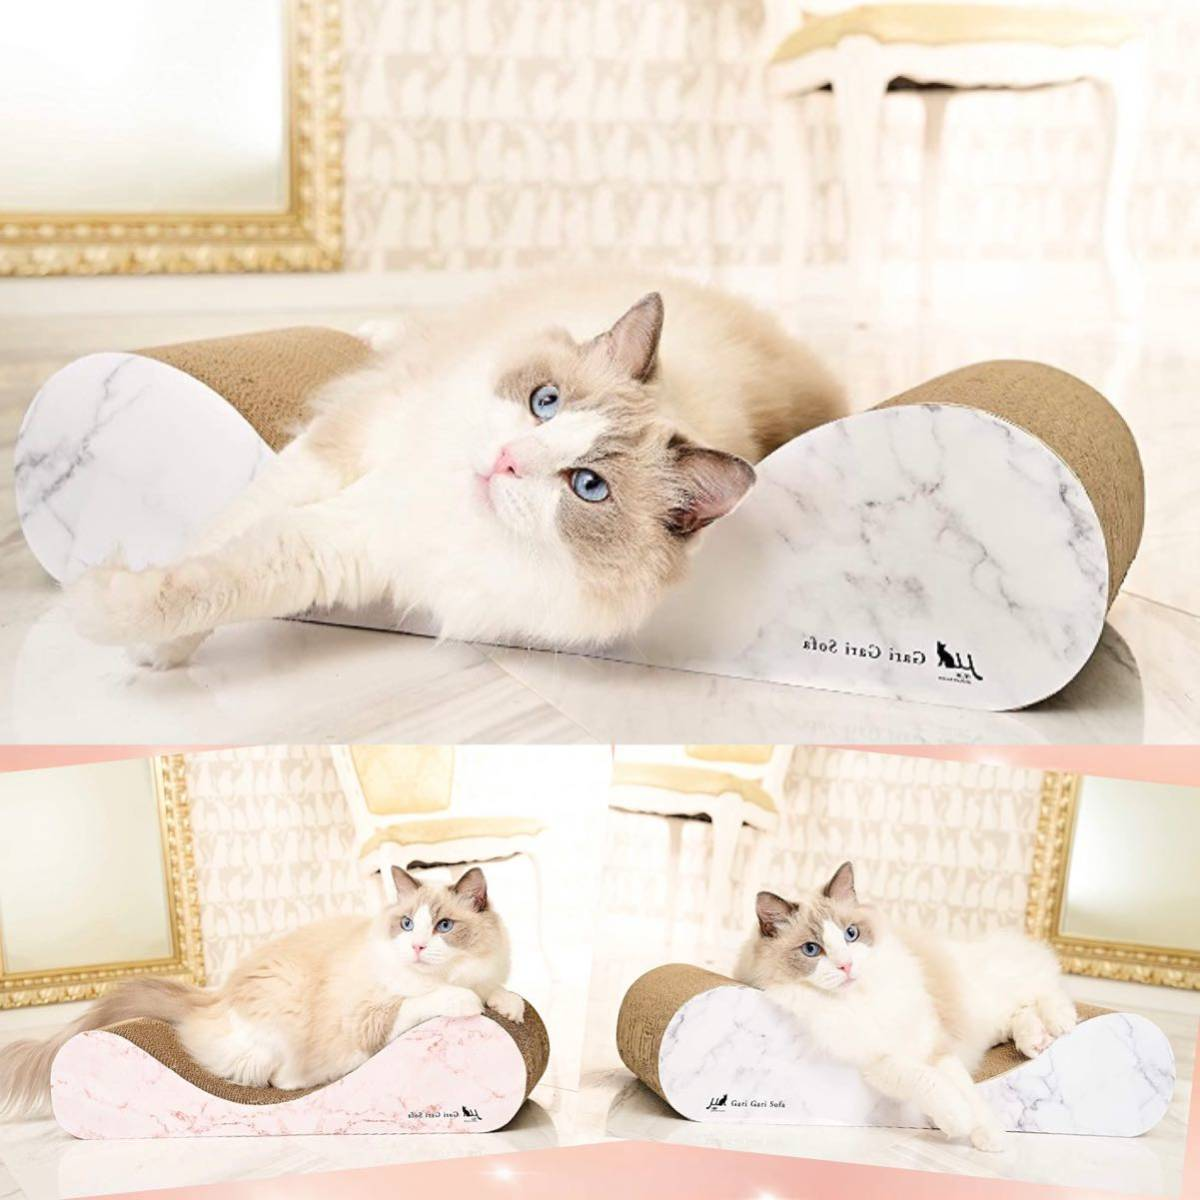 【ラグジュアリーで高級感溢れるマーブル(大理石)柄★愛猫ちゃんが最高に寛げるよう開発された愛猫ちゃん専用ソファ型クラウチングタイプ】